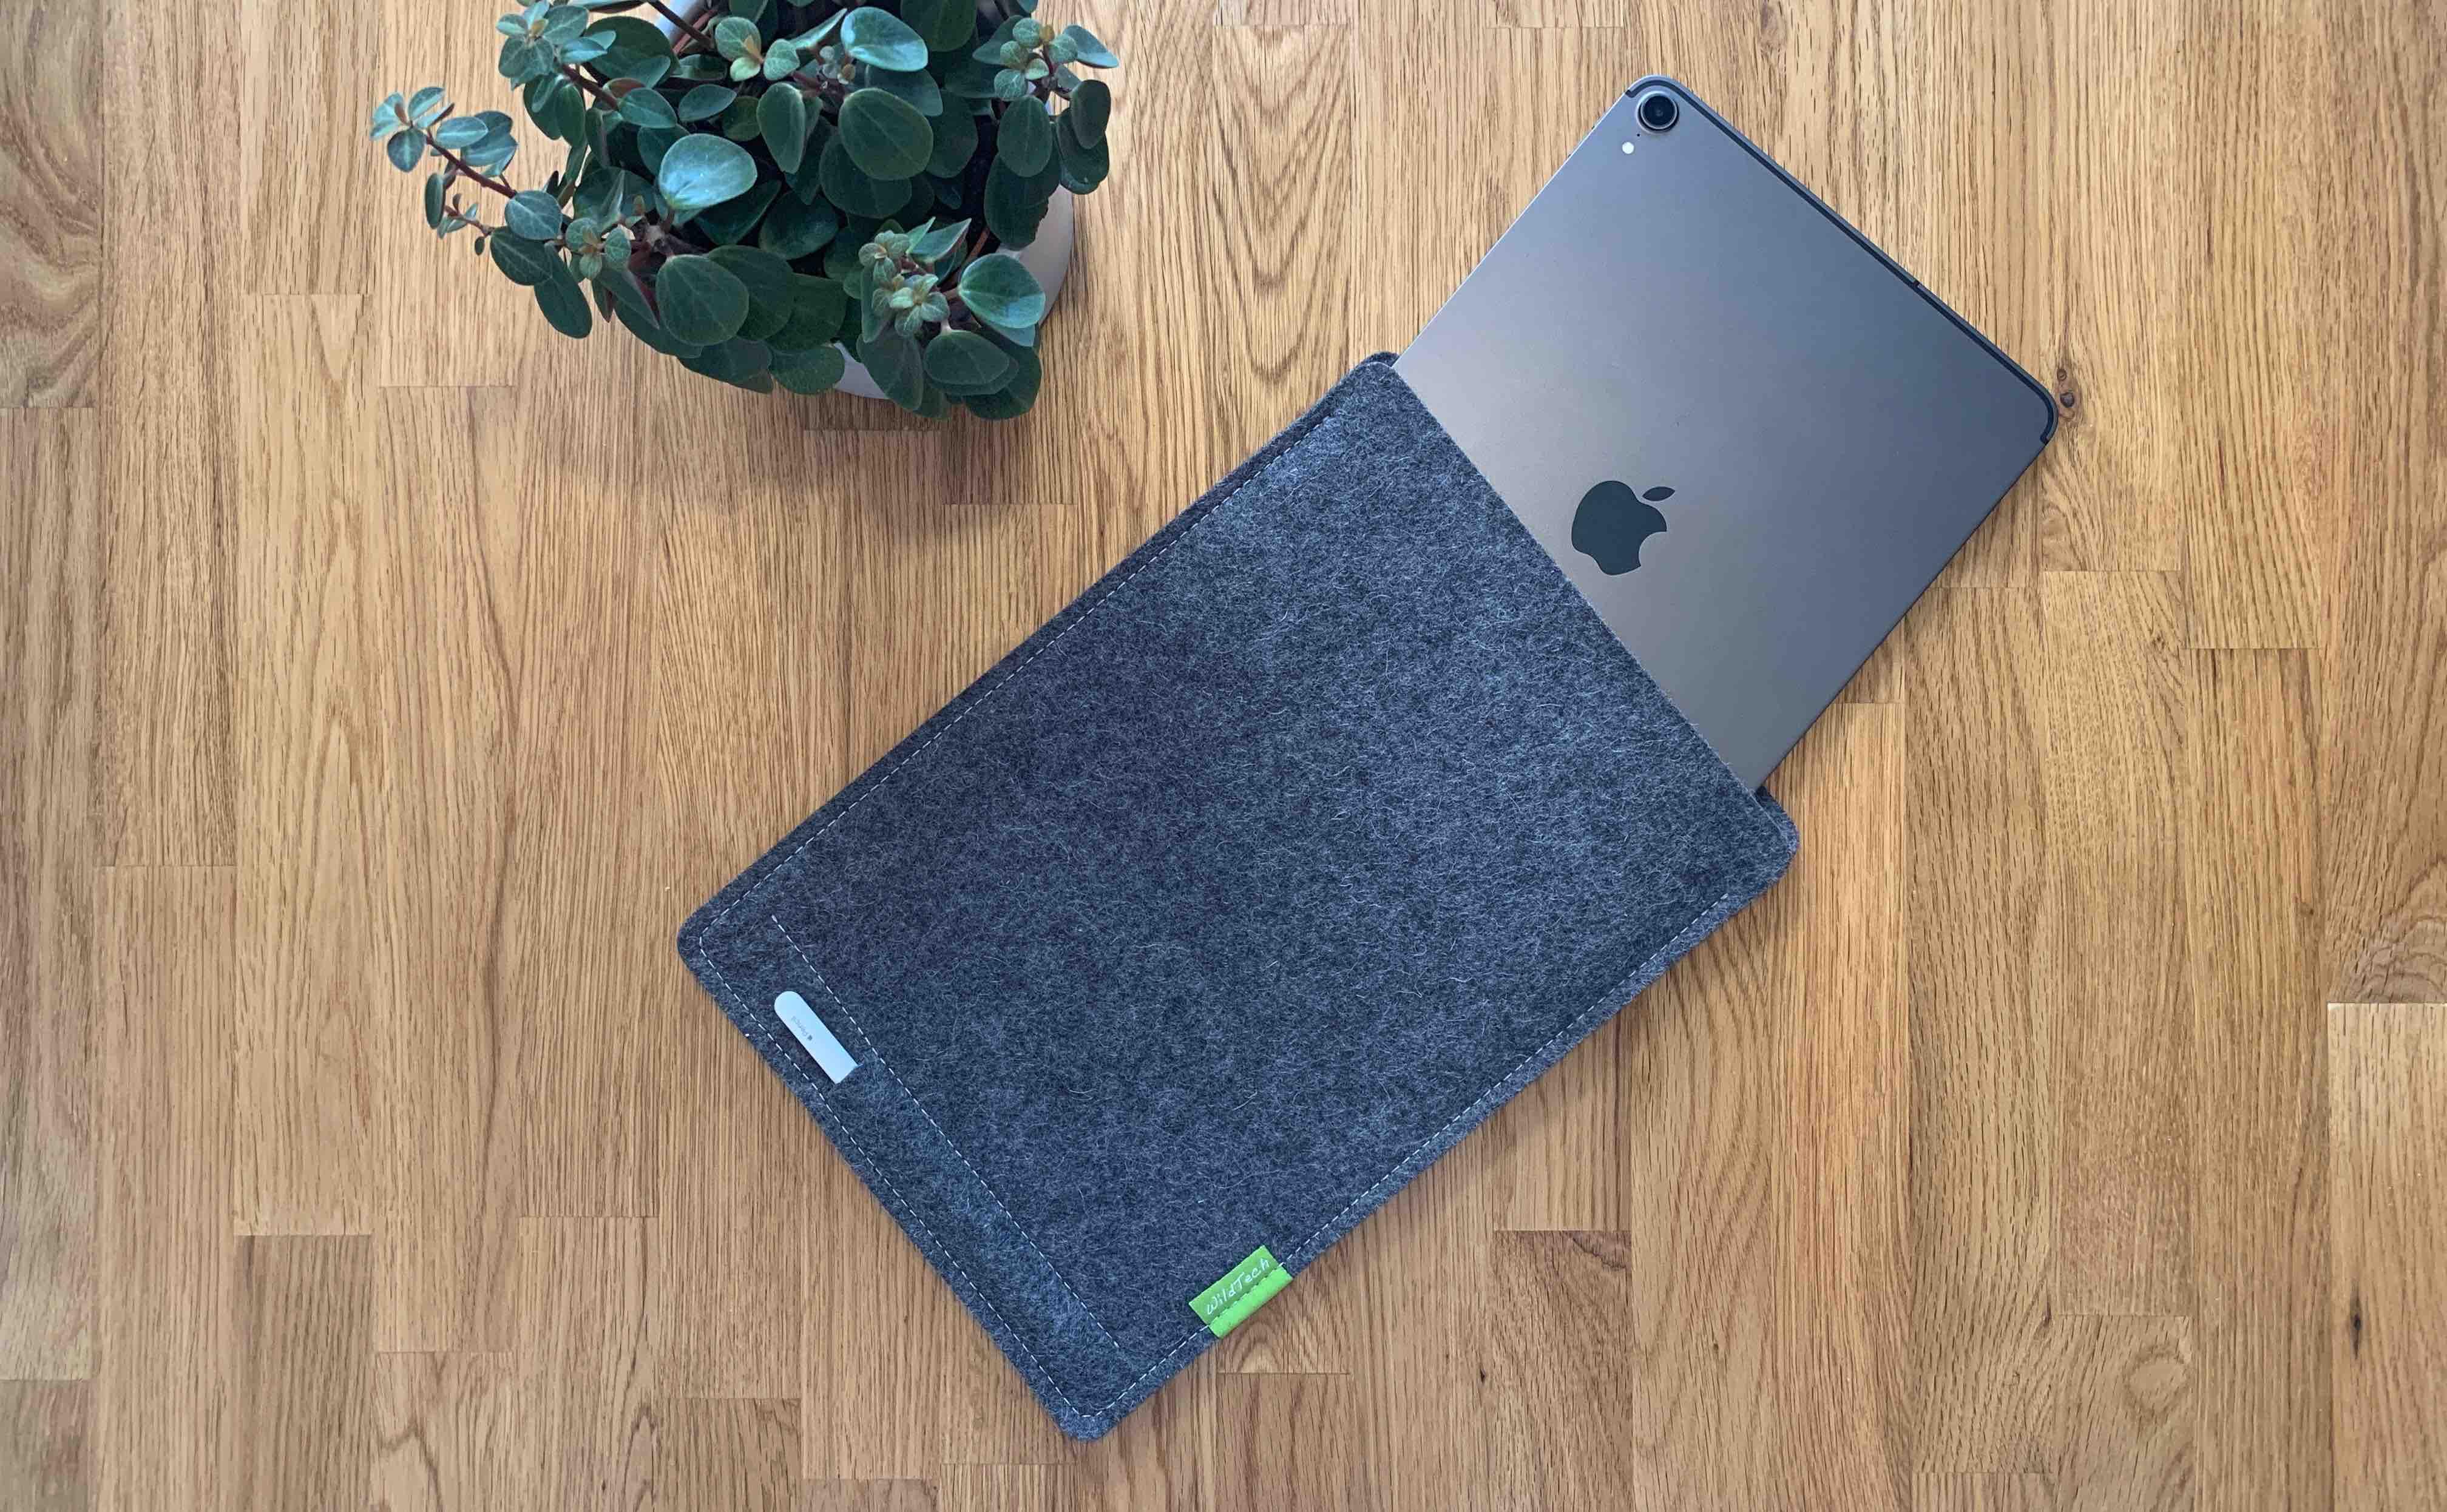 WildTech_Zubehör_Wollfilz_iPad_Review3 Wollfilz-Hülle für das iPad von WildTech - funktioneller und stylischer Geräteschutz